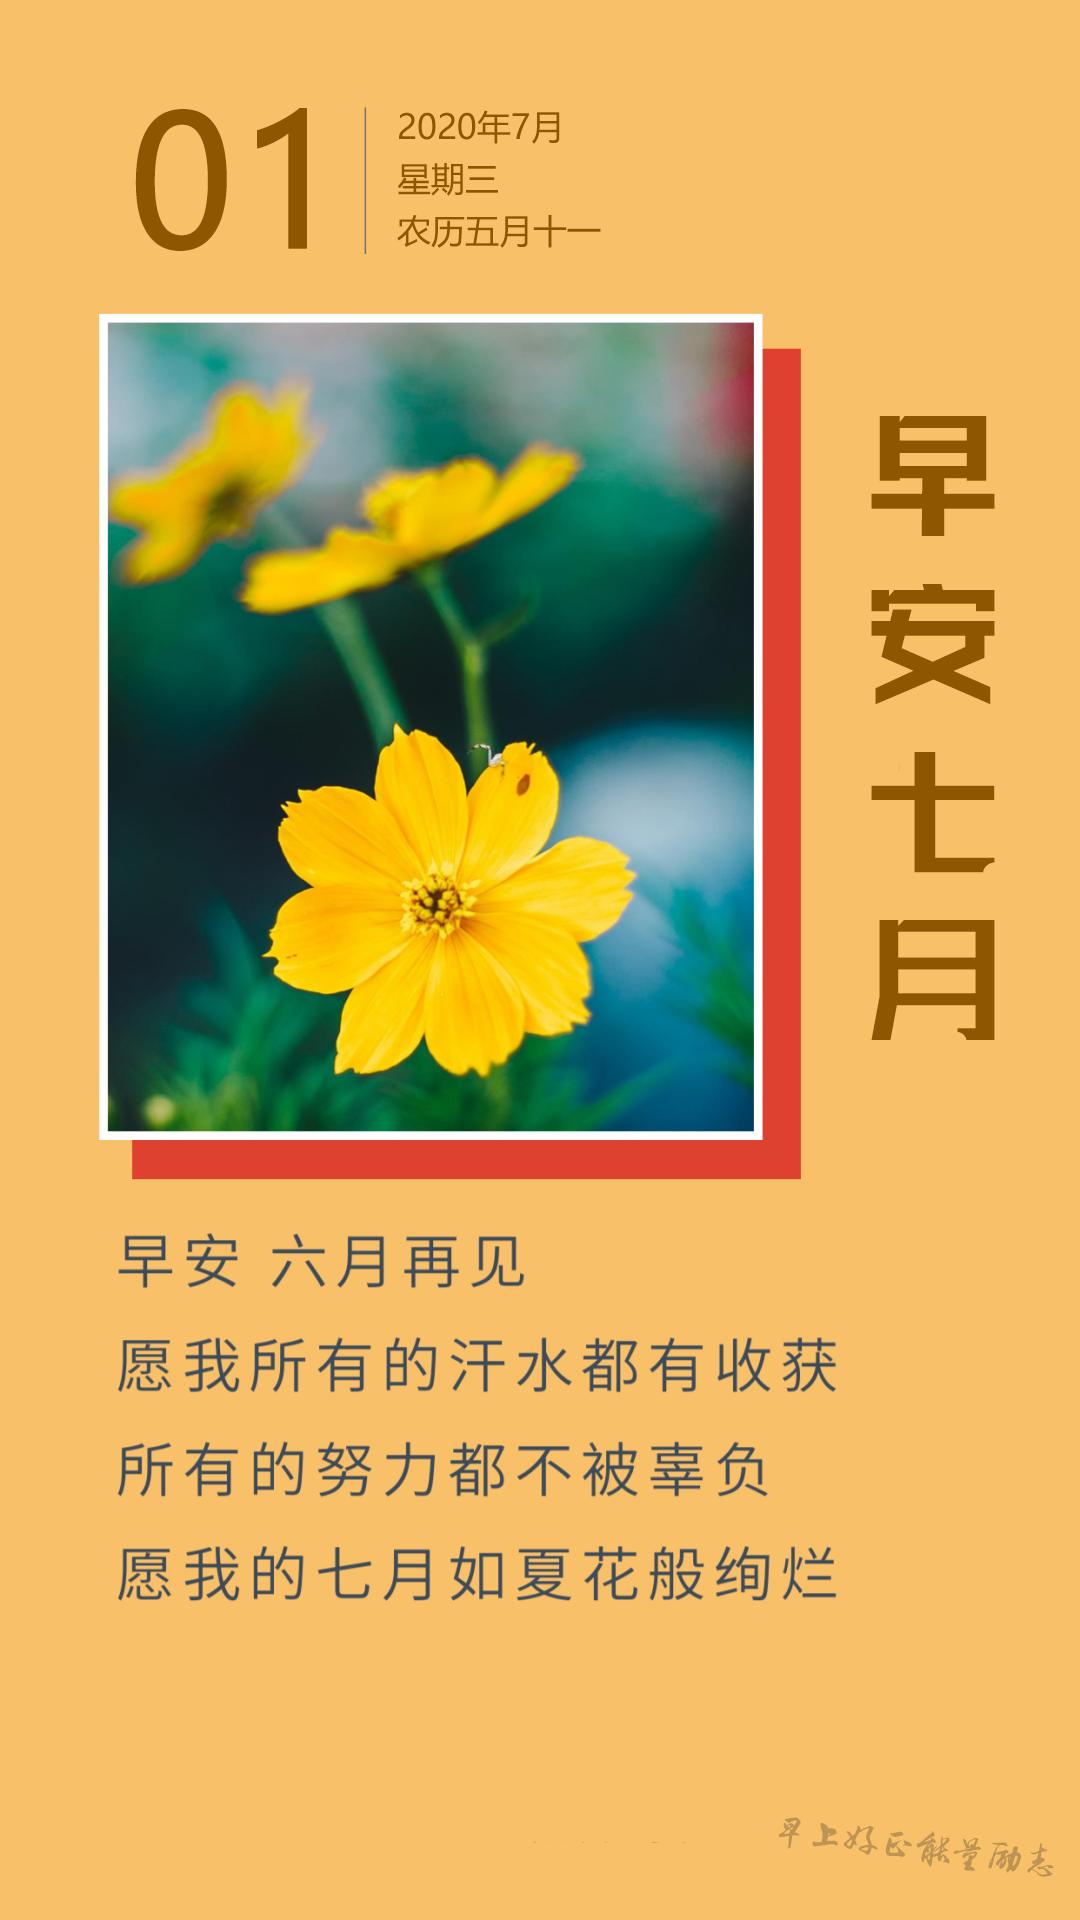 七月你好配图图片大全带字正能量,7月早安心语说说励志阳光